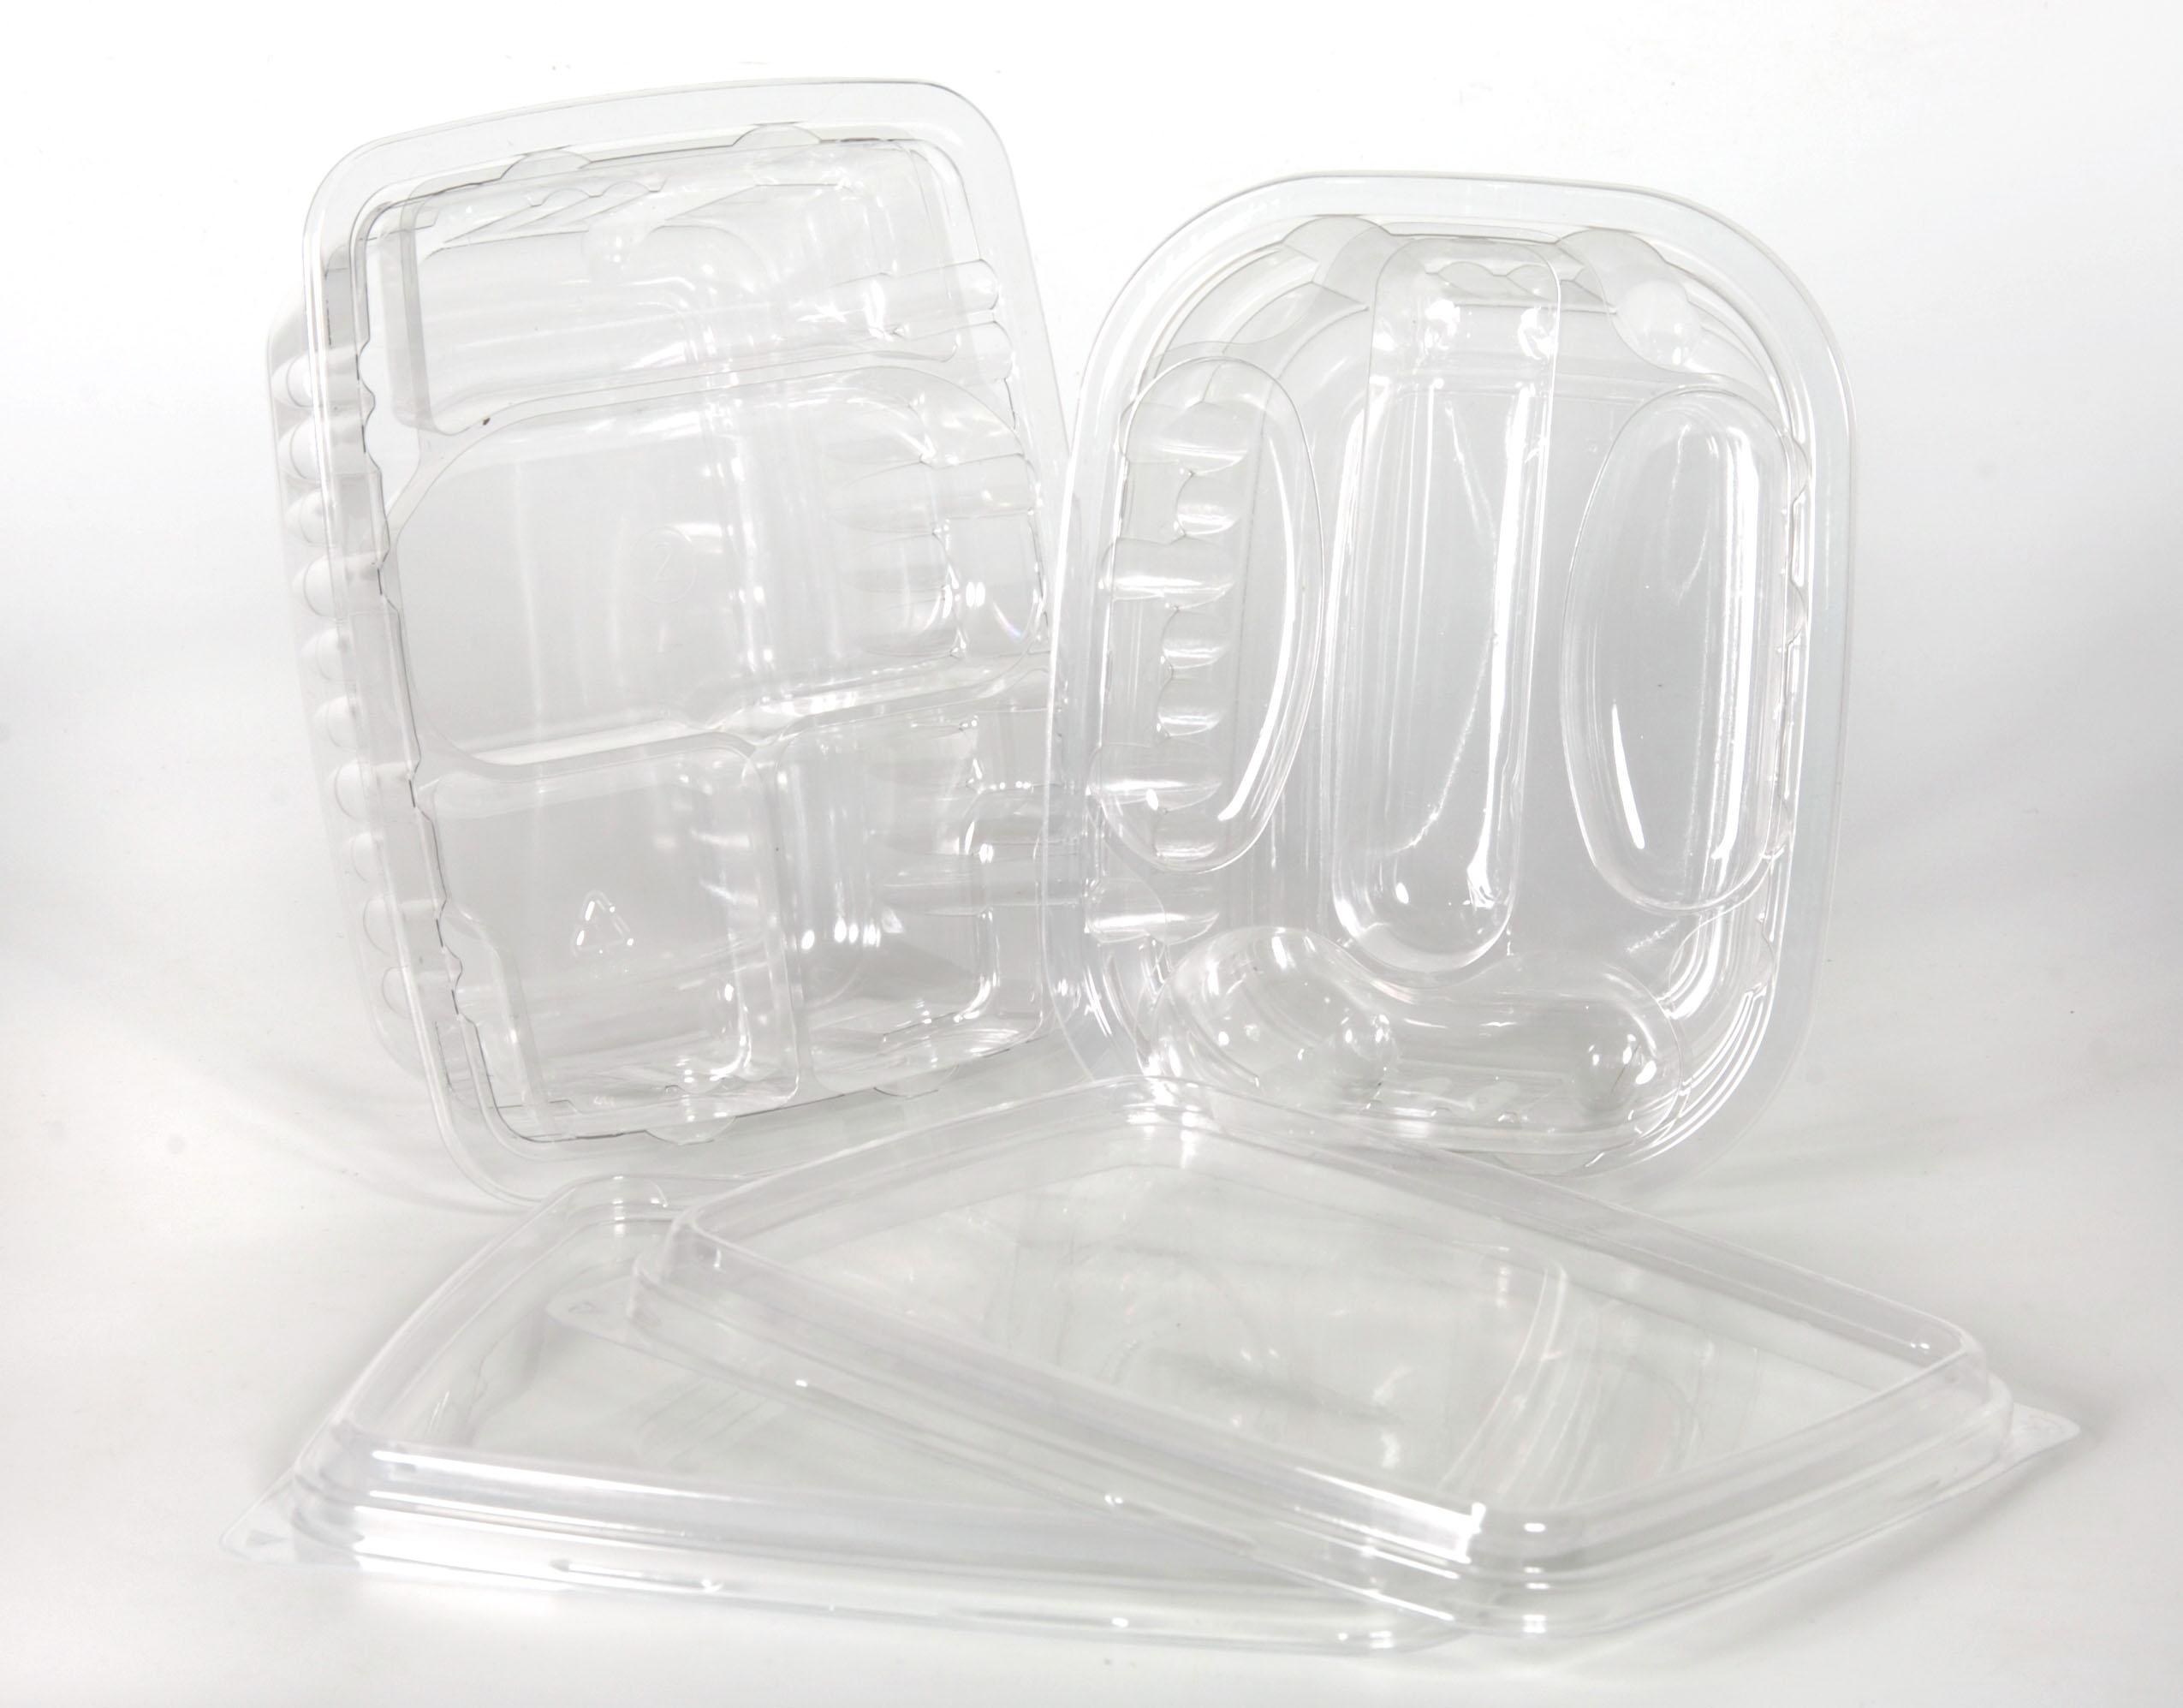 Časté mýty o plastových obalech: nepatří do mikrovlnky a po krátkém použití se hned spalují